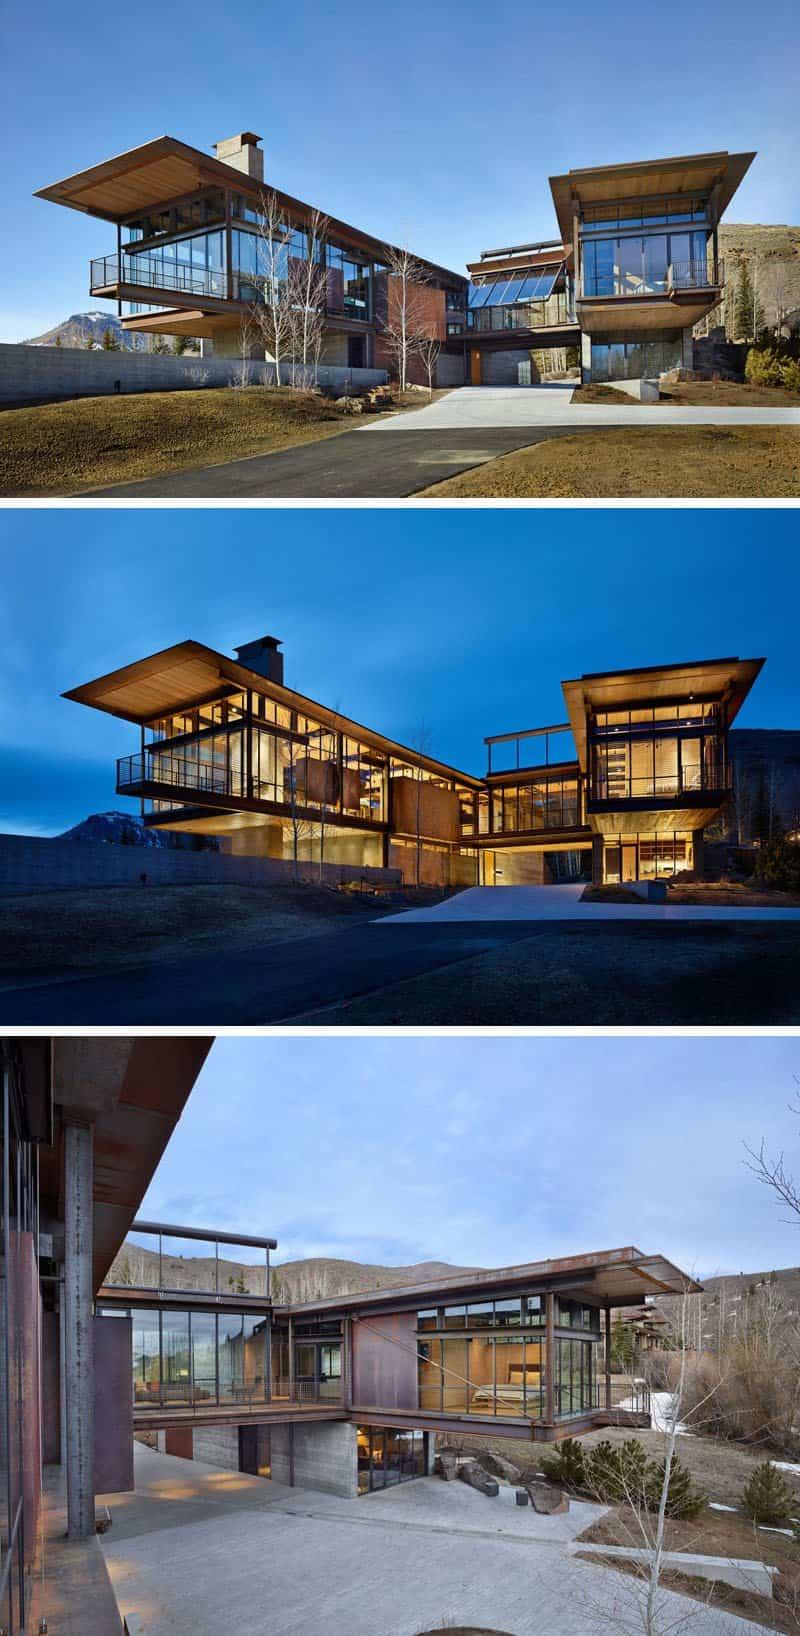 El dise o de esta moderna casa de monta a est lleno de for Casa en la montana